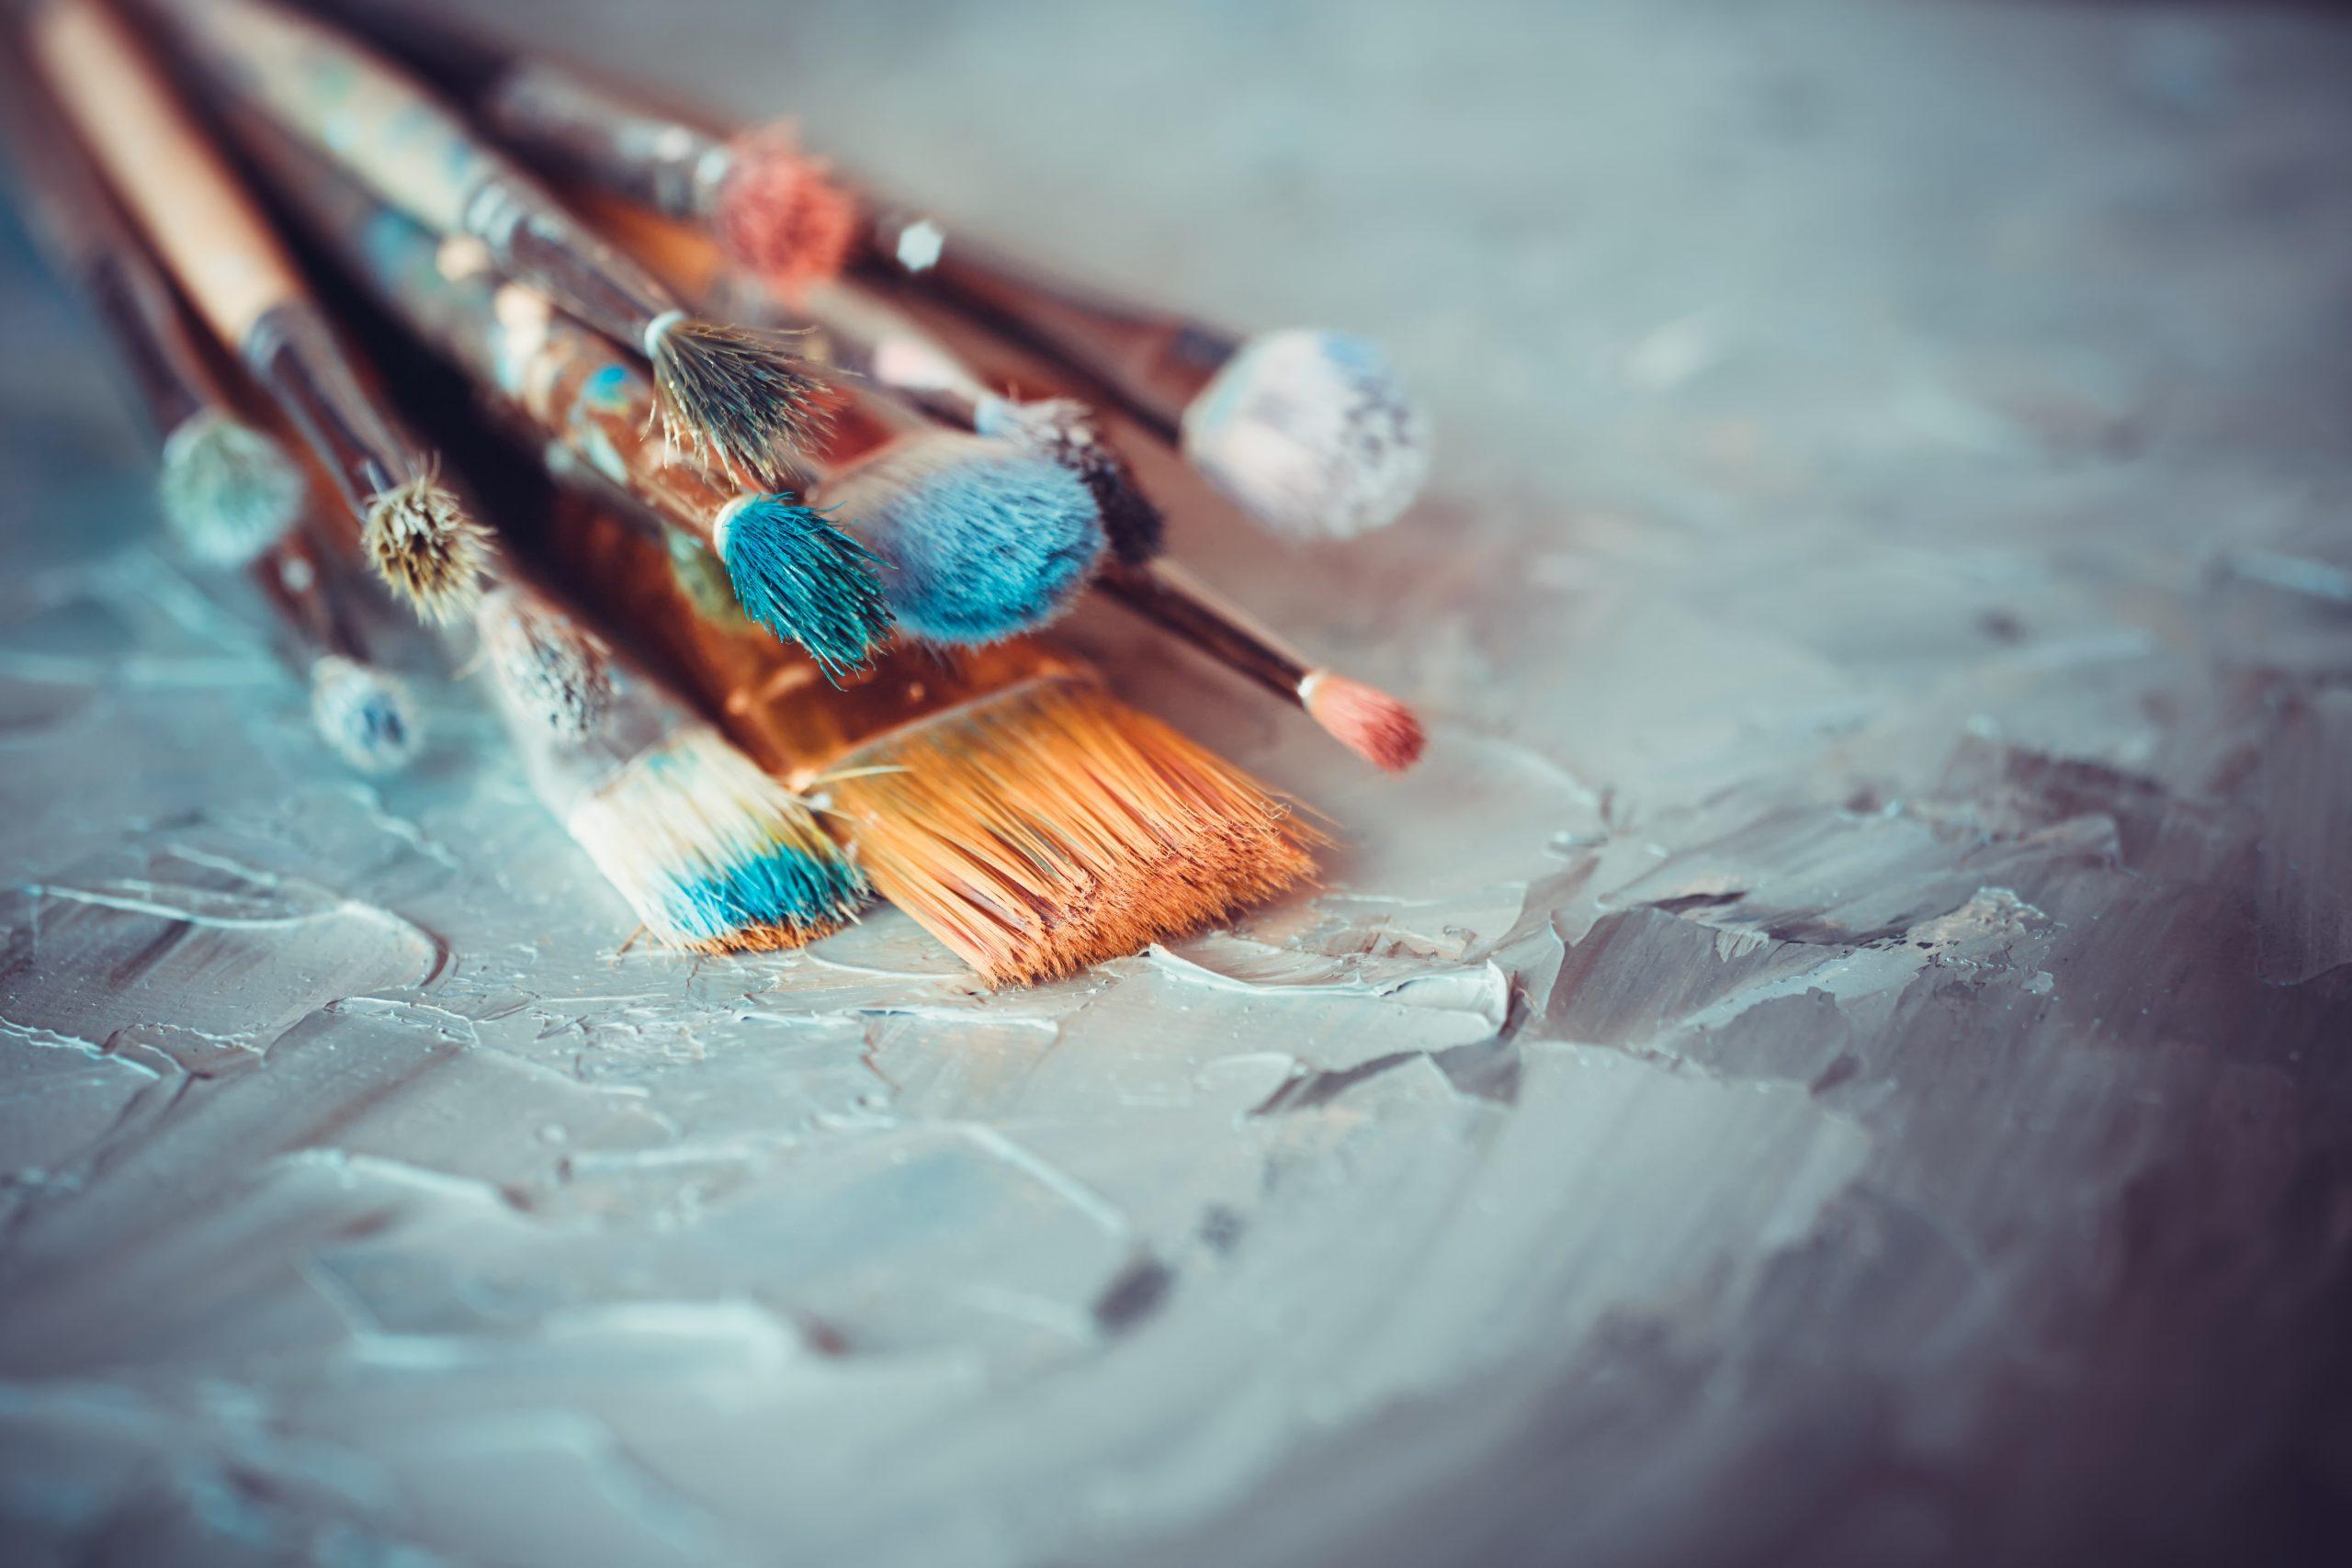 Paint-brushes-on-canvas-Jean-Francois-de-Clermont-Tonnerre